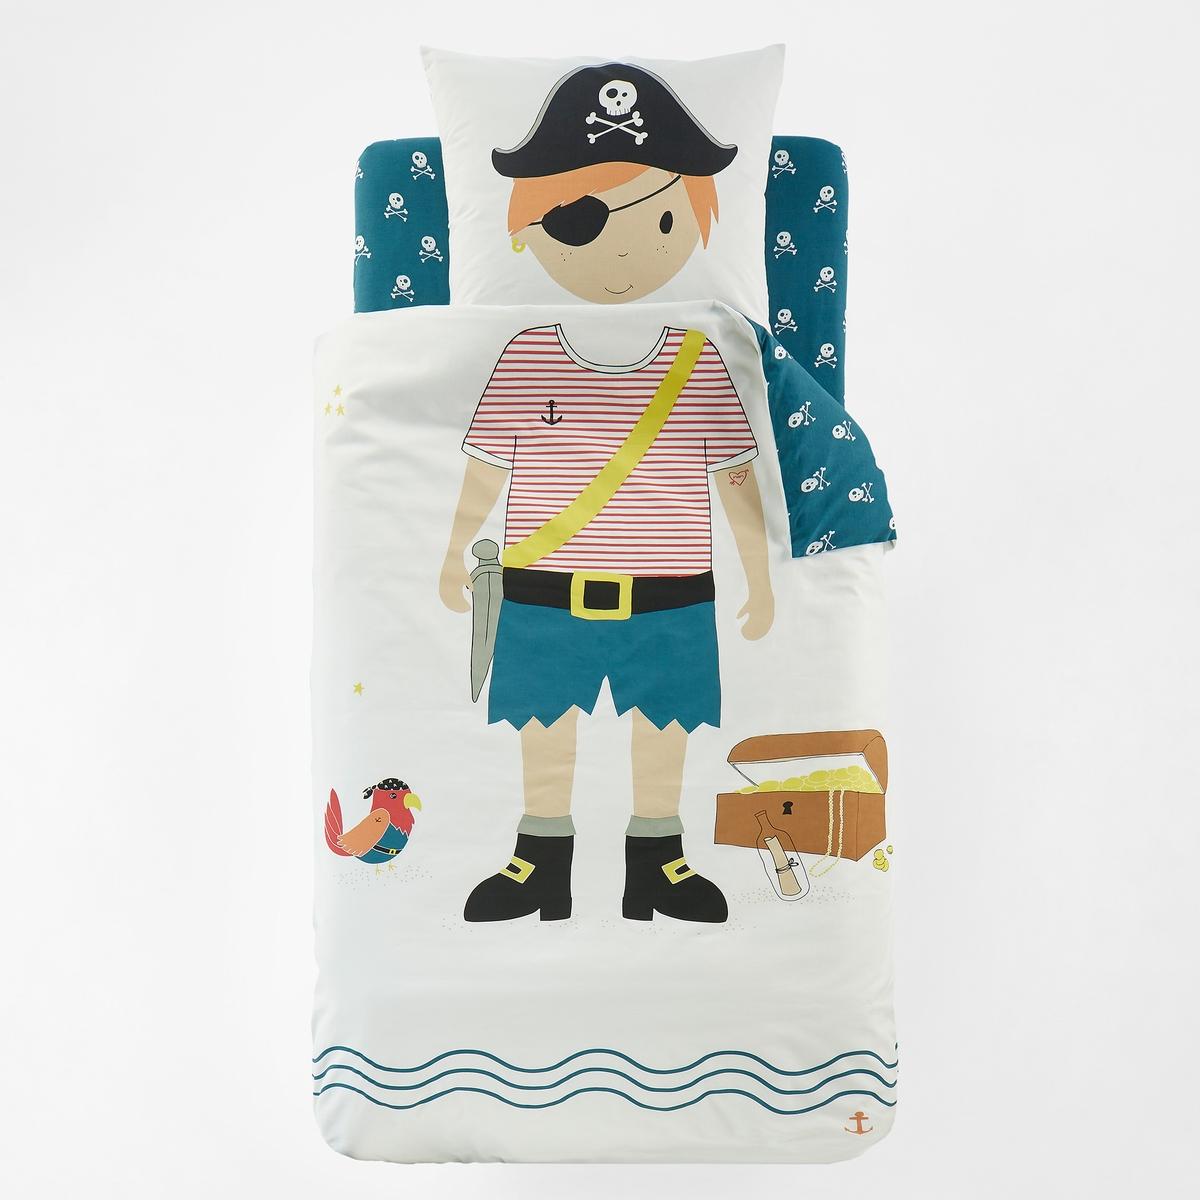 Пододеяльник с принтом JACKОписание:Пододеяльник с принтом, JACK . Какой ребёнок не мечтал хотя бы раз побыть пиратом южных морей? В это постельное белье нельзя не влюбиться !Характеристики пододеяльника JACK :Клапан для заправки под матрас.Лицевая сторона с рисунком « пират » на белом фоне, оборотная сторона - с мелким принтом черепа на зеленом фоне .100% хлопок, 57 нитей/см? ( чем больше нитей /см?, тем качественнее ткань) .Легкость ухода.Машинная стирка при 60 °С.Если вы хотите составить пирата Джека целиком, найдите весь комплект JACK на нашем сайте laredoute.ruЗнак Oeko-Tex® гарантирует, что товары прошли проверку и были изготовлены без применения вредных для здоровья человека веществ.Размеры :  140 x 200 см : 1-спальный<br><br>Цвет: рисунок разноцветный<br>Размер: 140 x 200  см